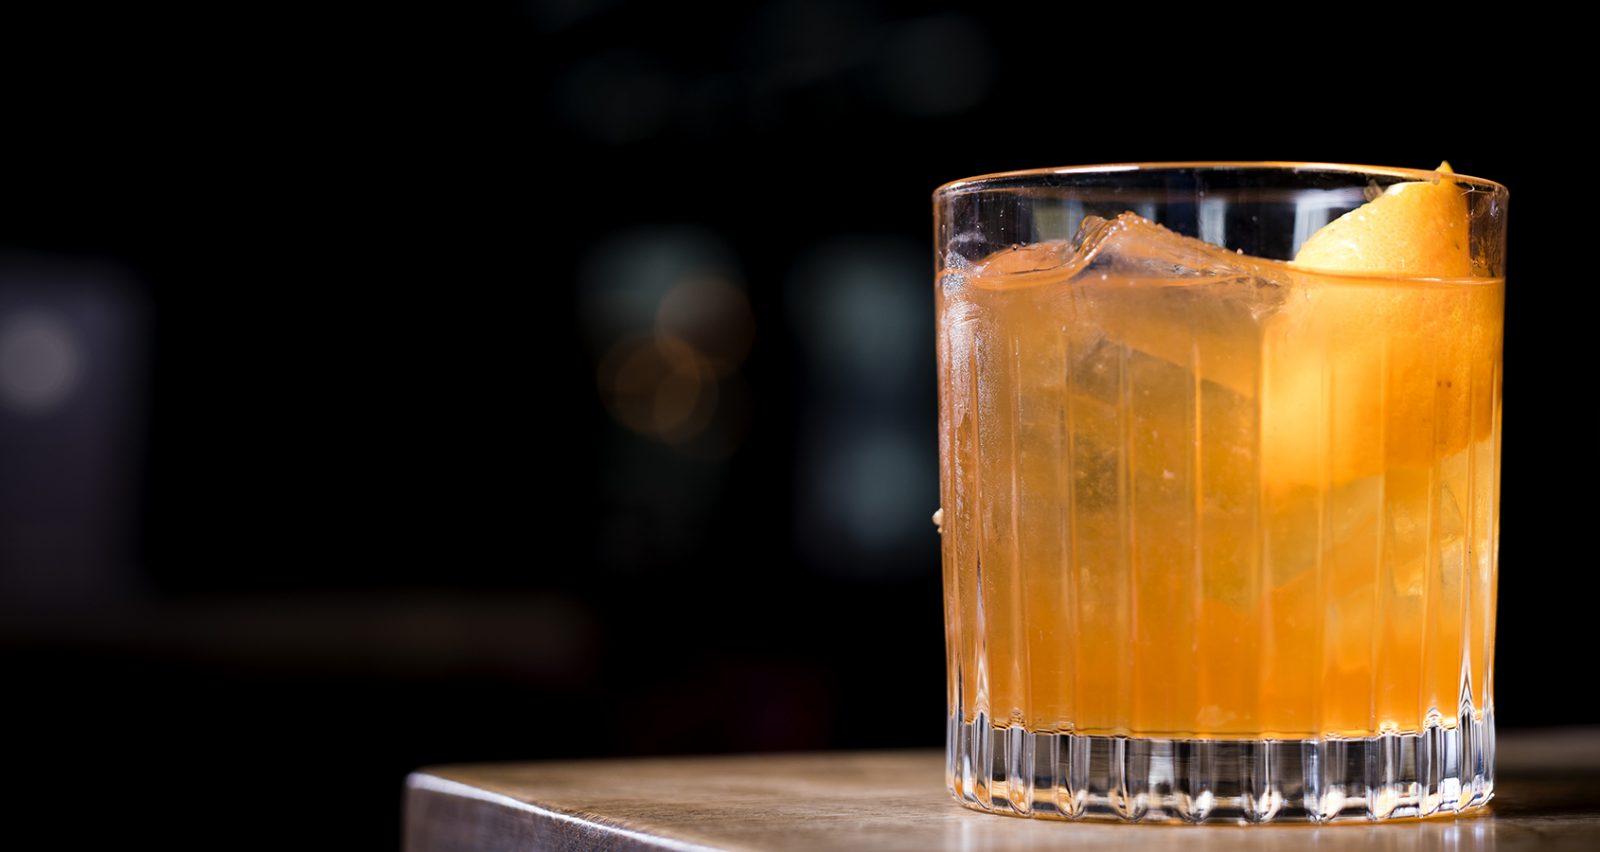 Marmalade Old Fashioned